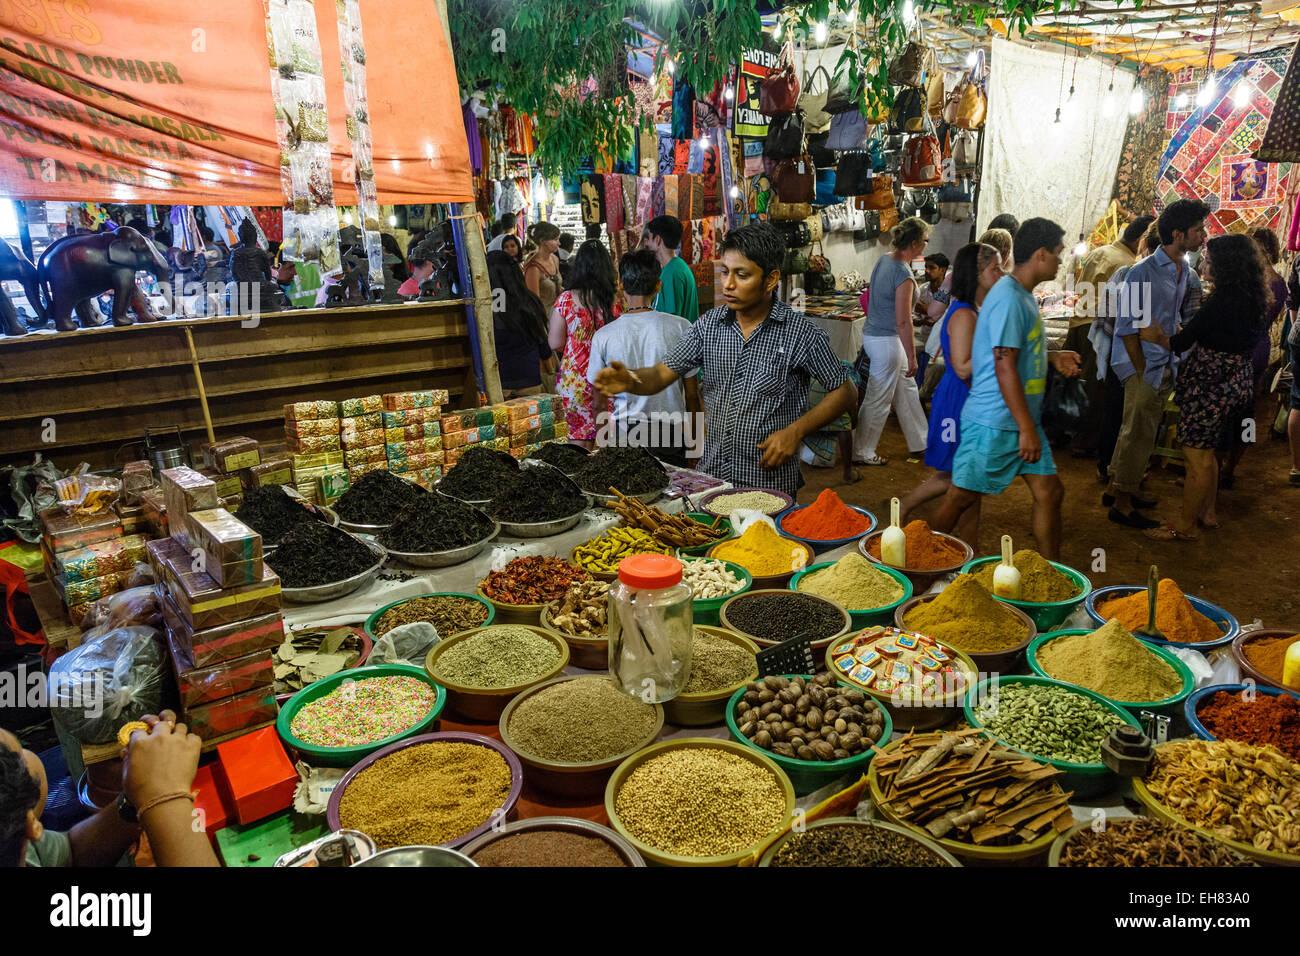 Tienda de especias en el Mercado de Sábado por la noche, Goa, India, Asia Imagen De Stock